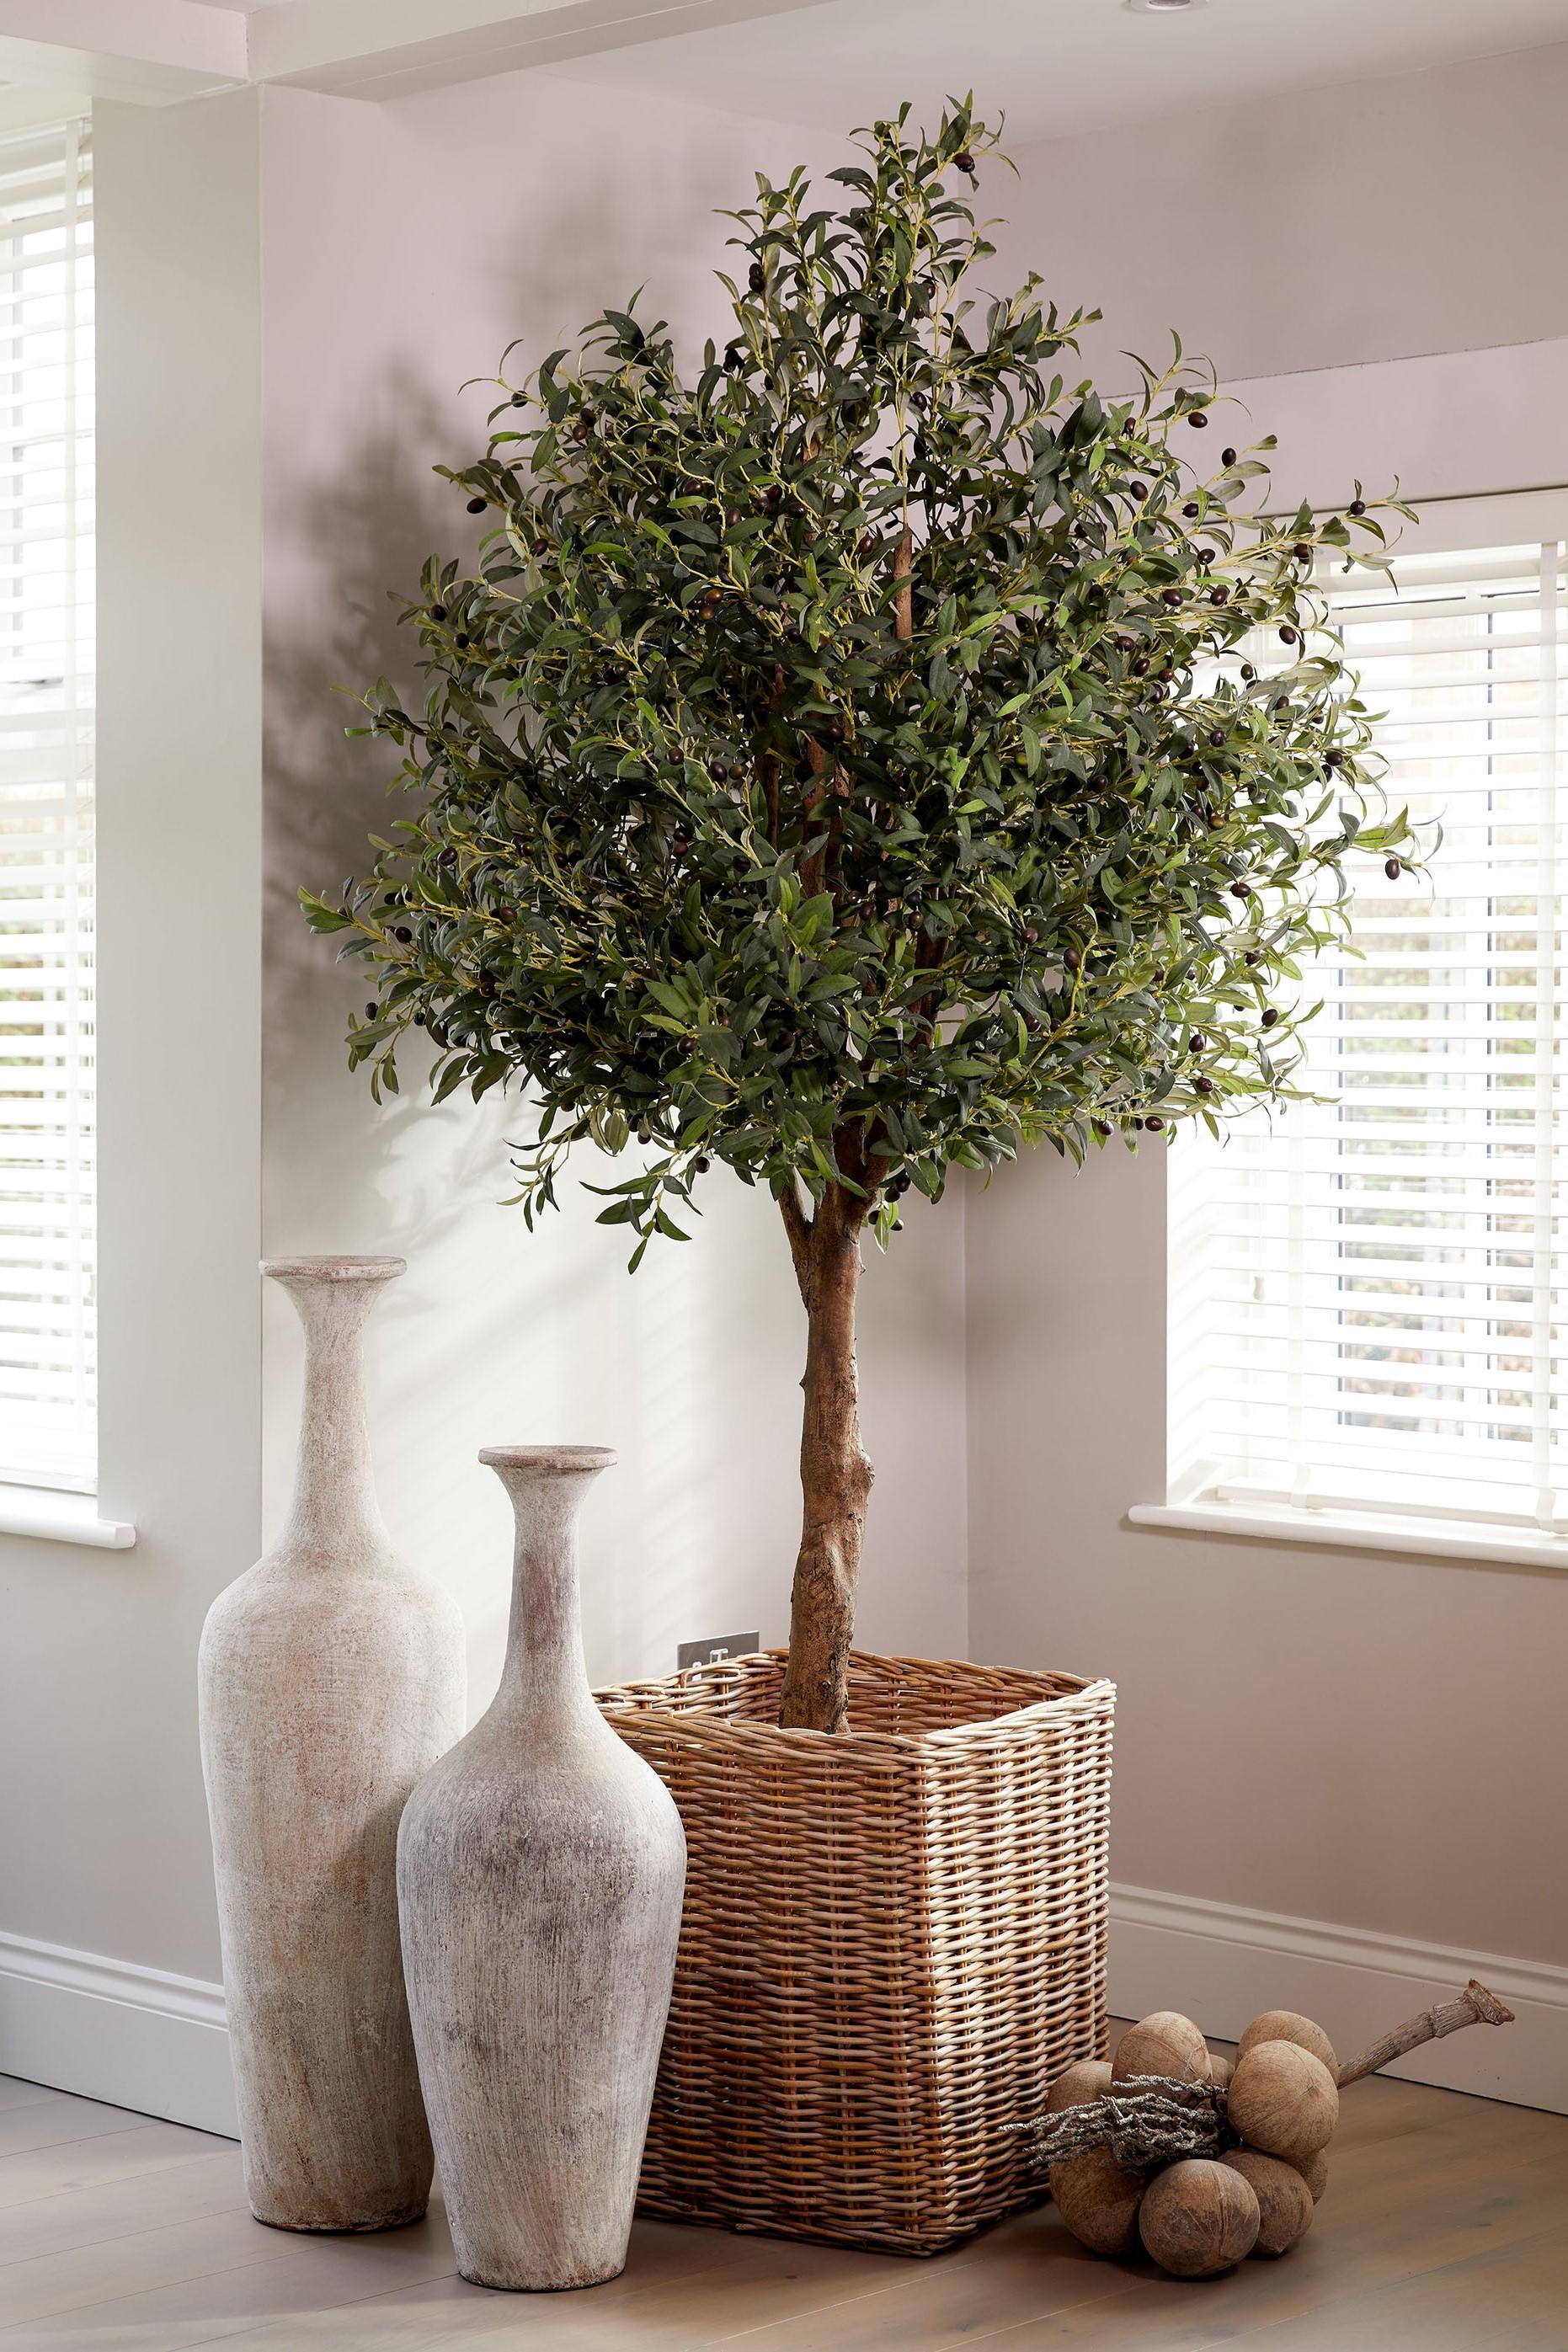 Les oliviers sont enchanteurs, leur nom évoque toujours des images de la Provence et de la Méditerranée!